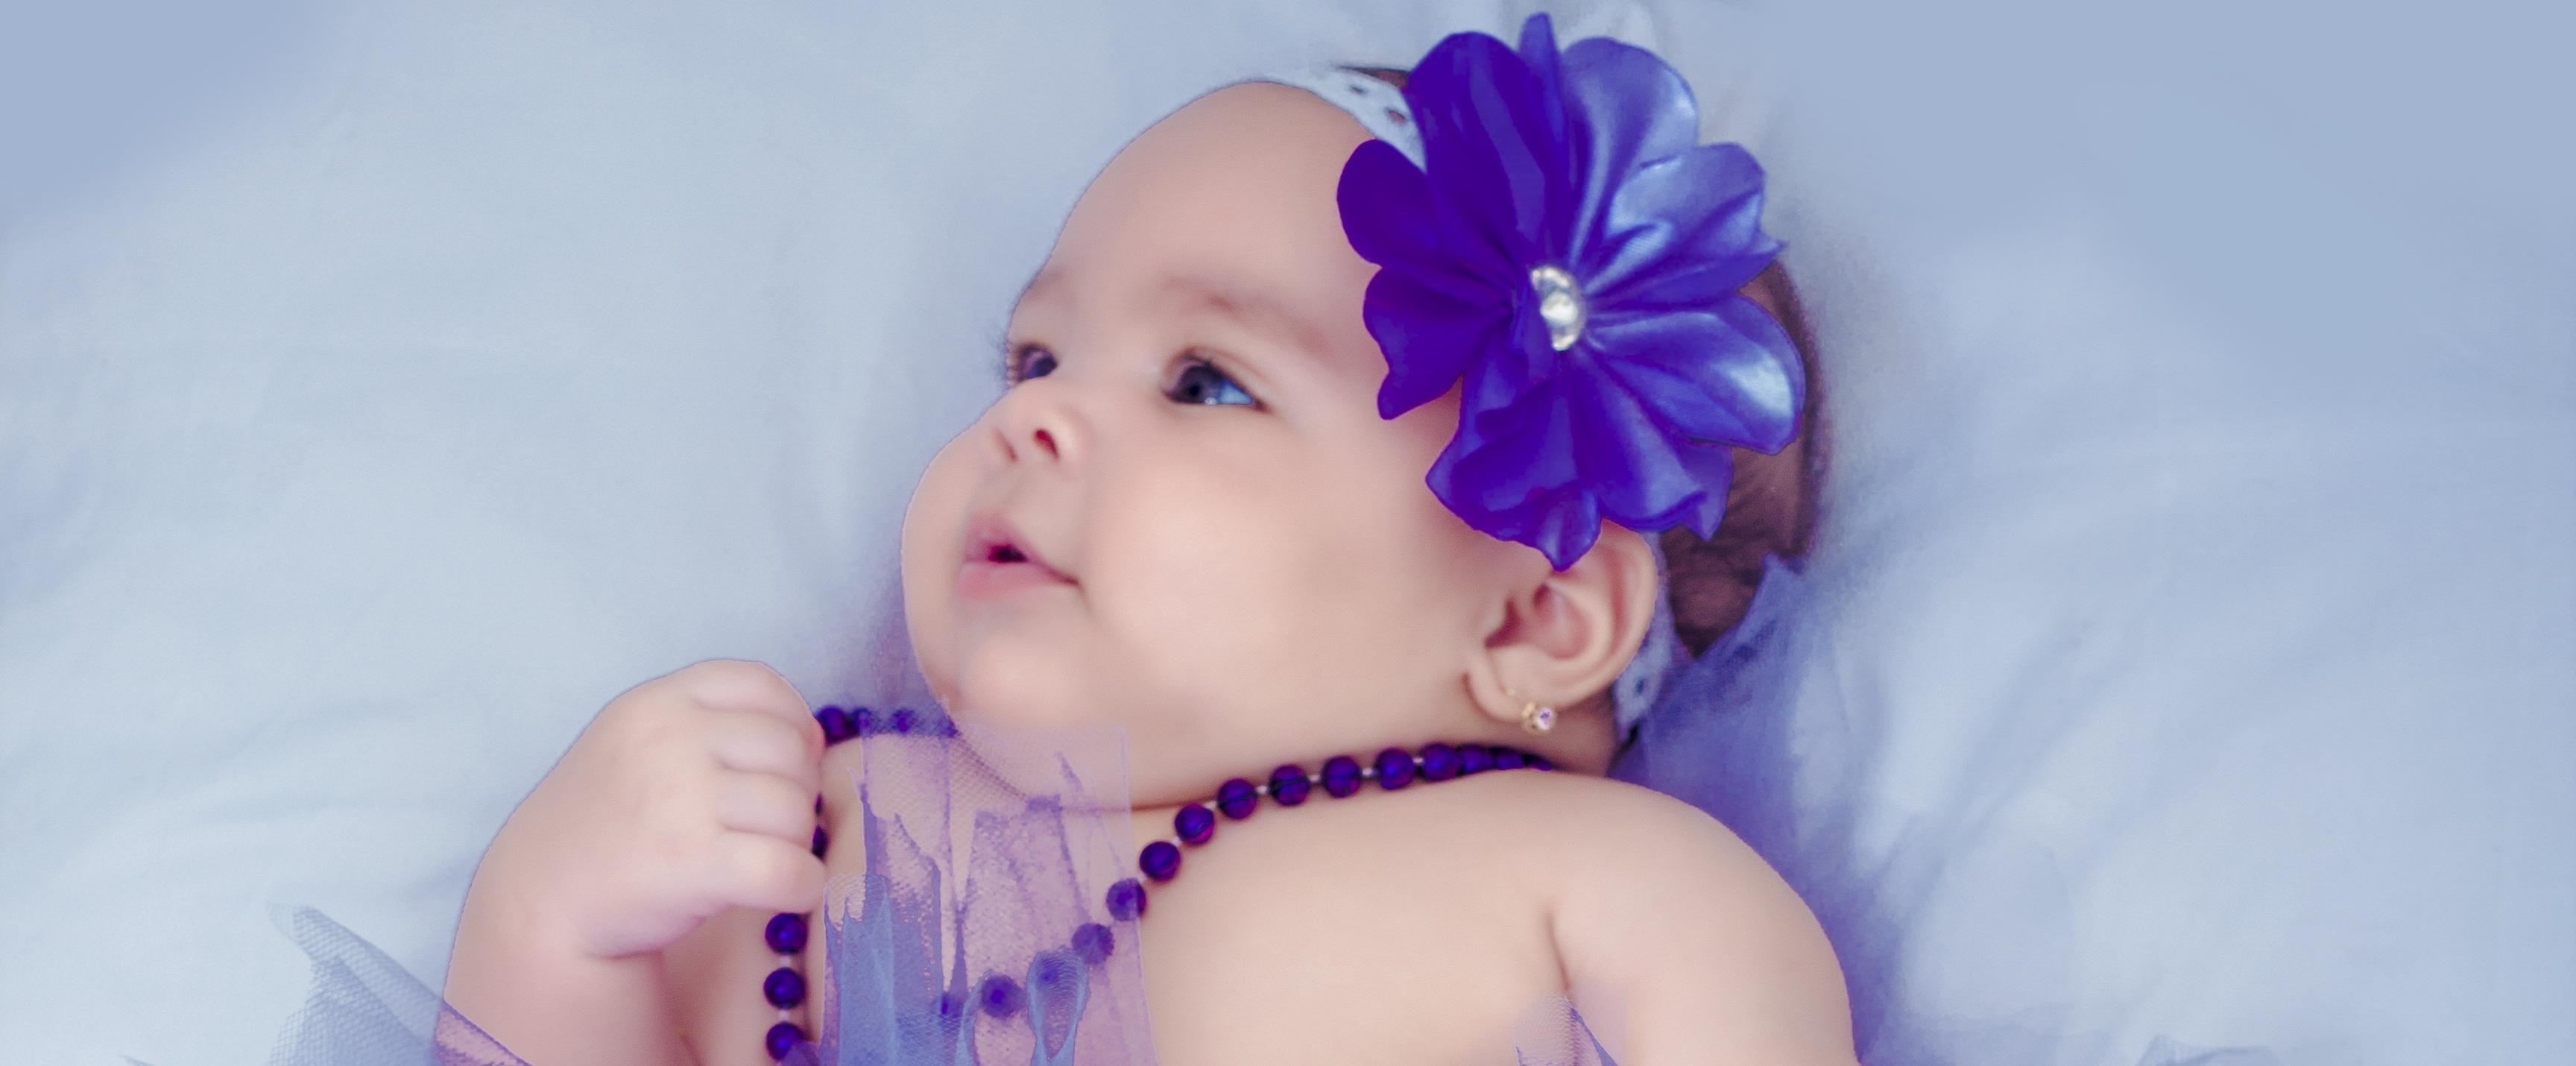 Fotos gratis : persona, cabello, fotografía, flor, púrpura, hembra ...